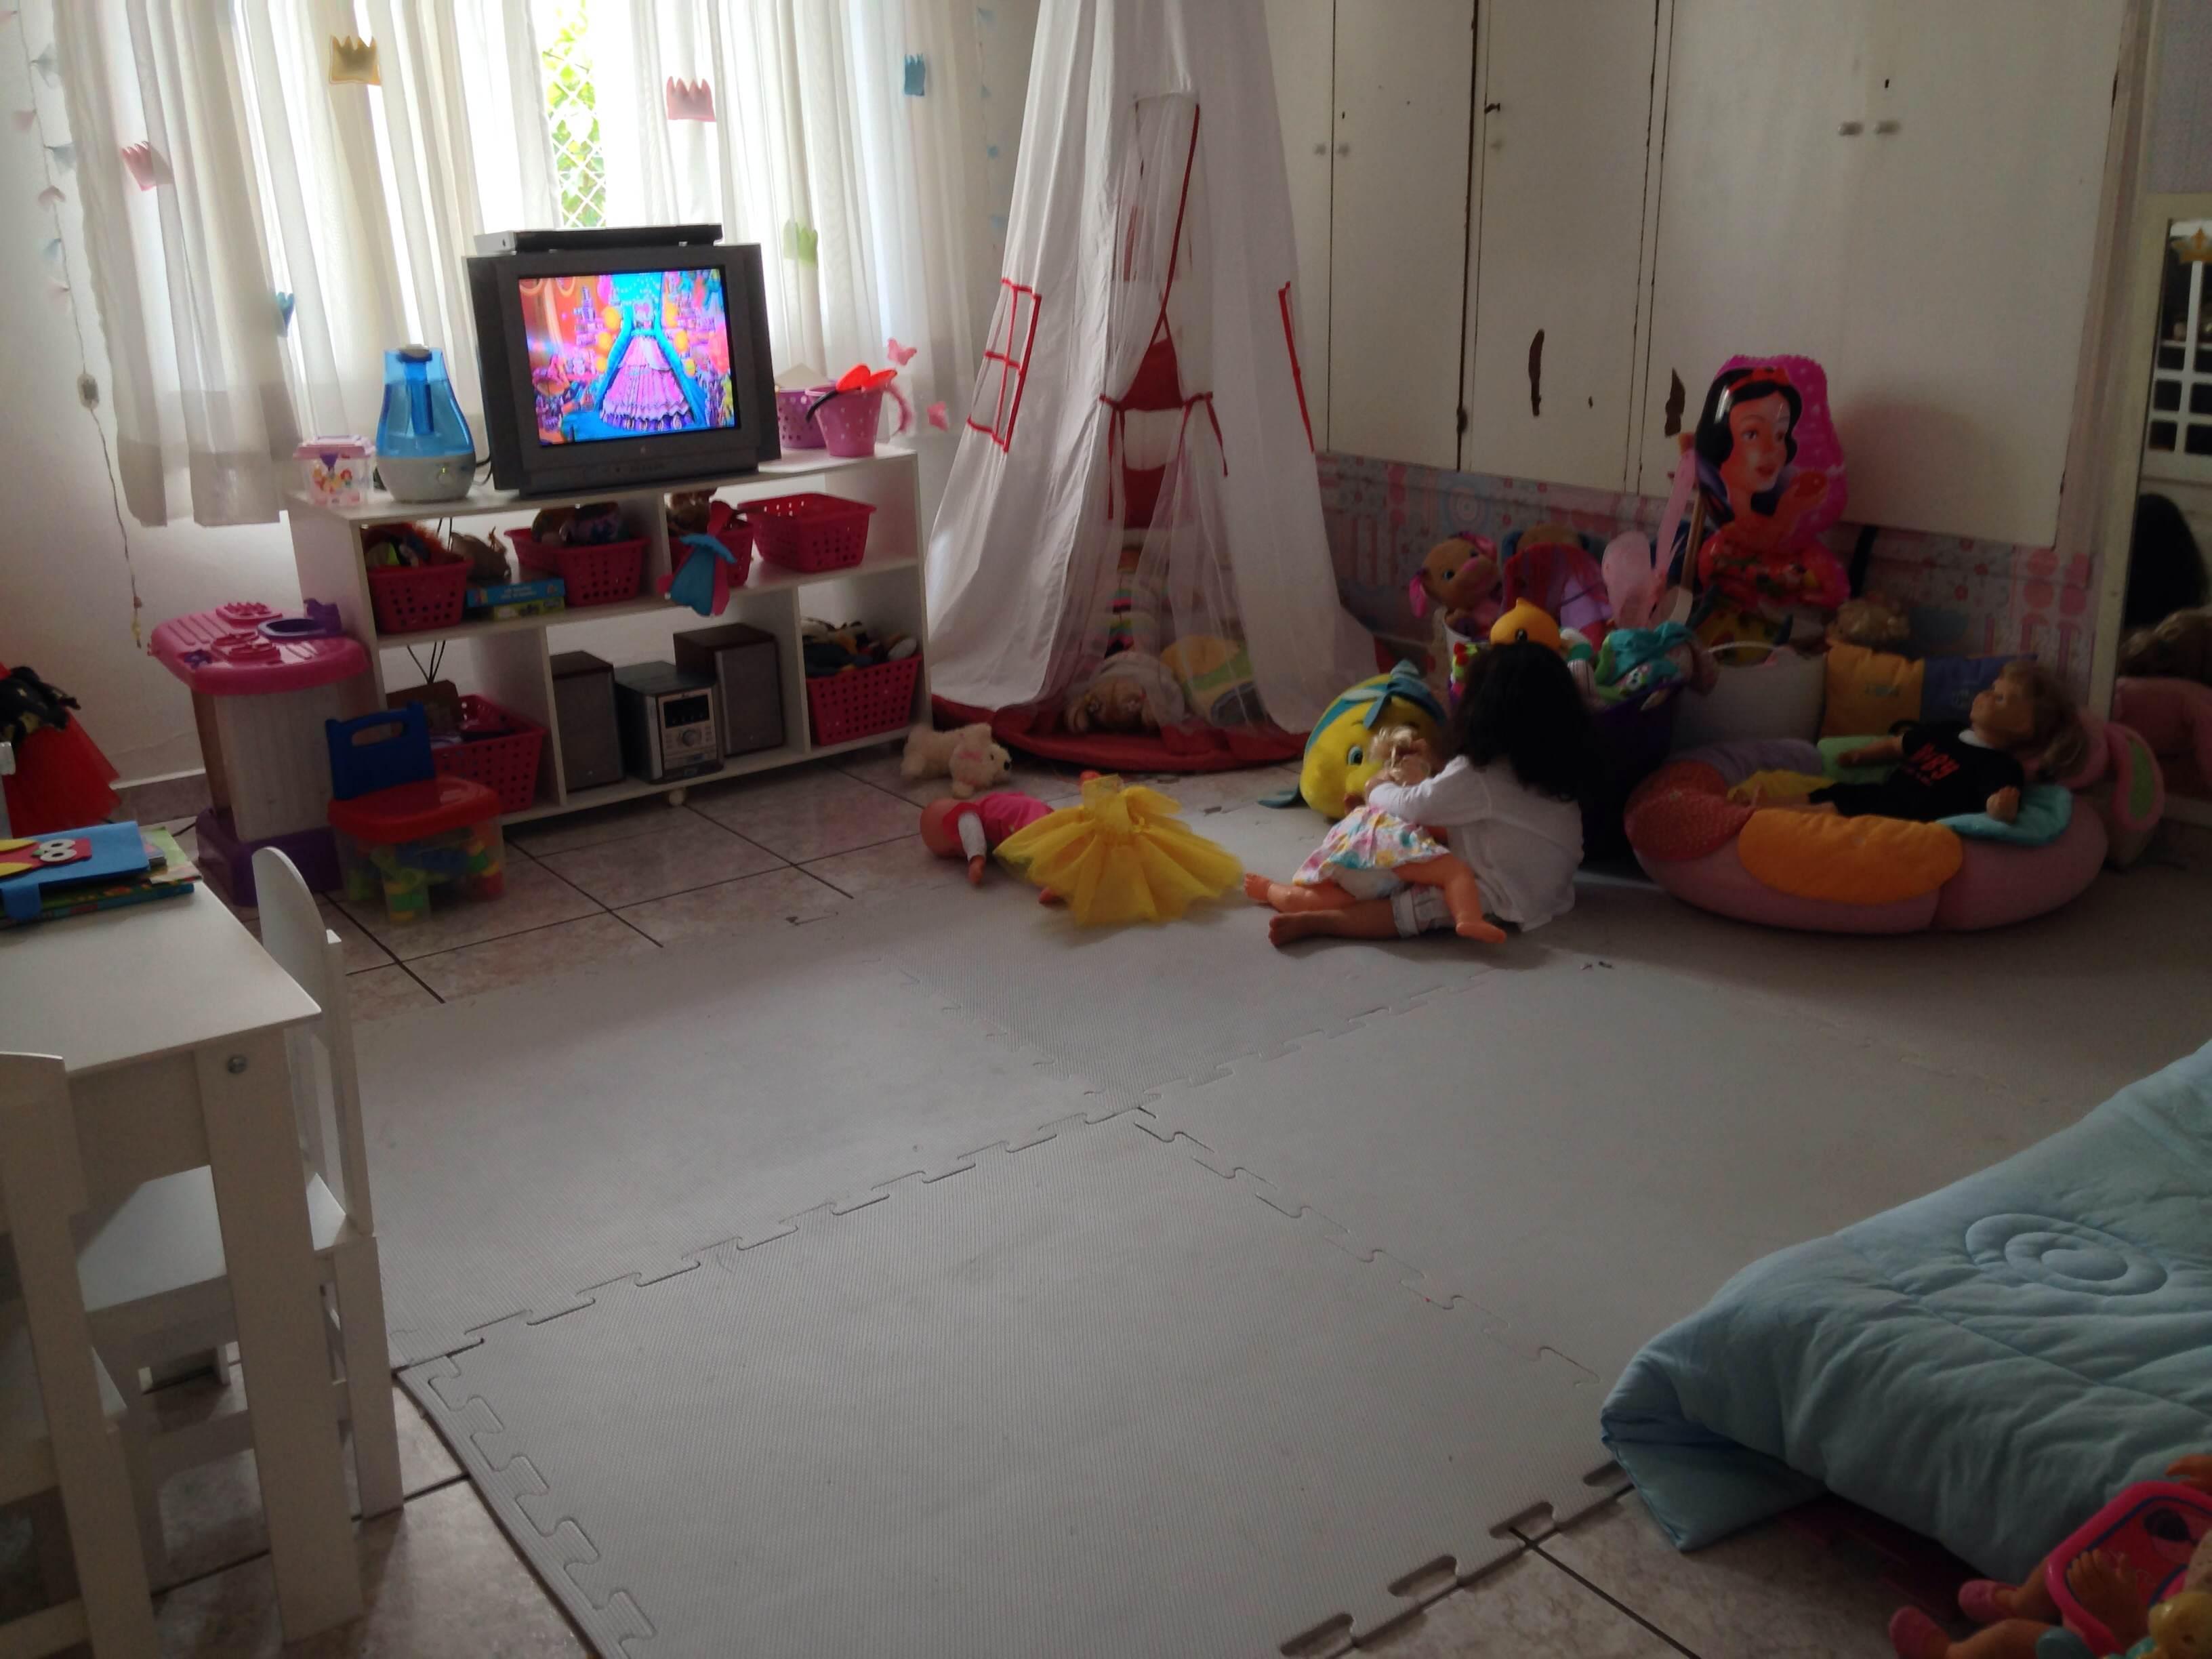 Decora O Infantil Quarto De Princesa Maternidade Colorida ~ Tapetes Para Quarto De Menino E Foto Na Parede Do Quarto